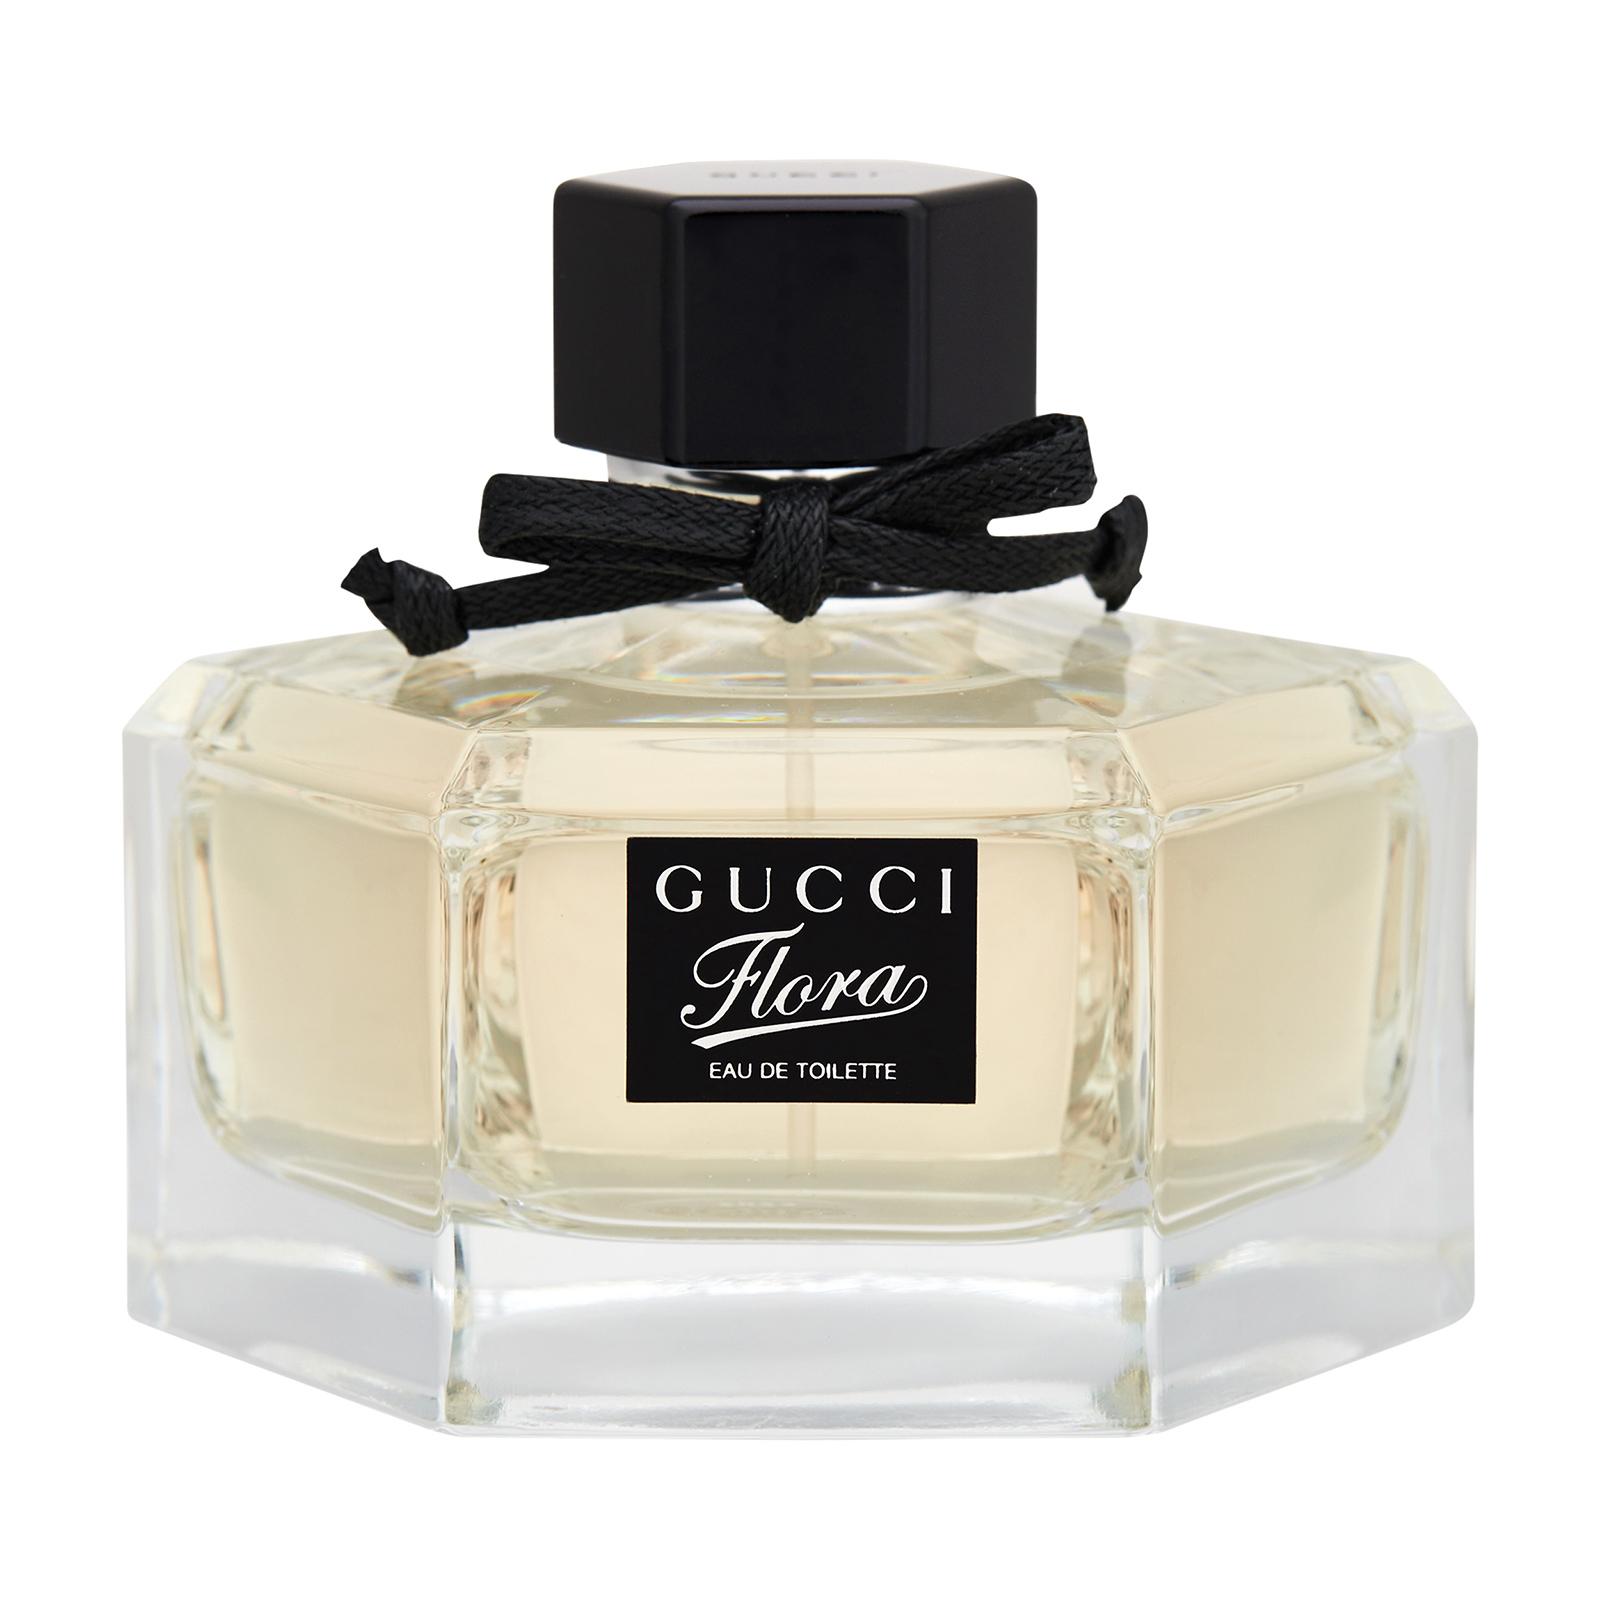 6e64aa20673 Details about Gucci Flora by GUCCI Eau de Toilette 75ml Fragrance Women